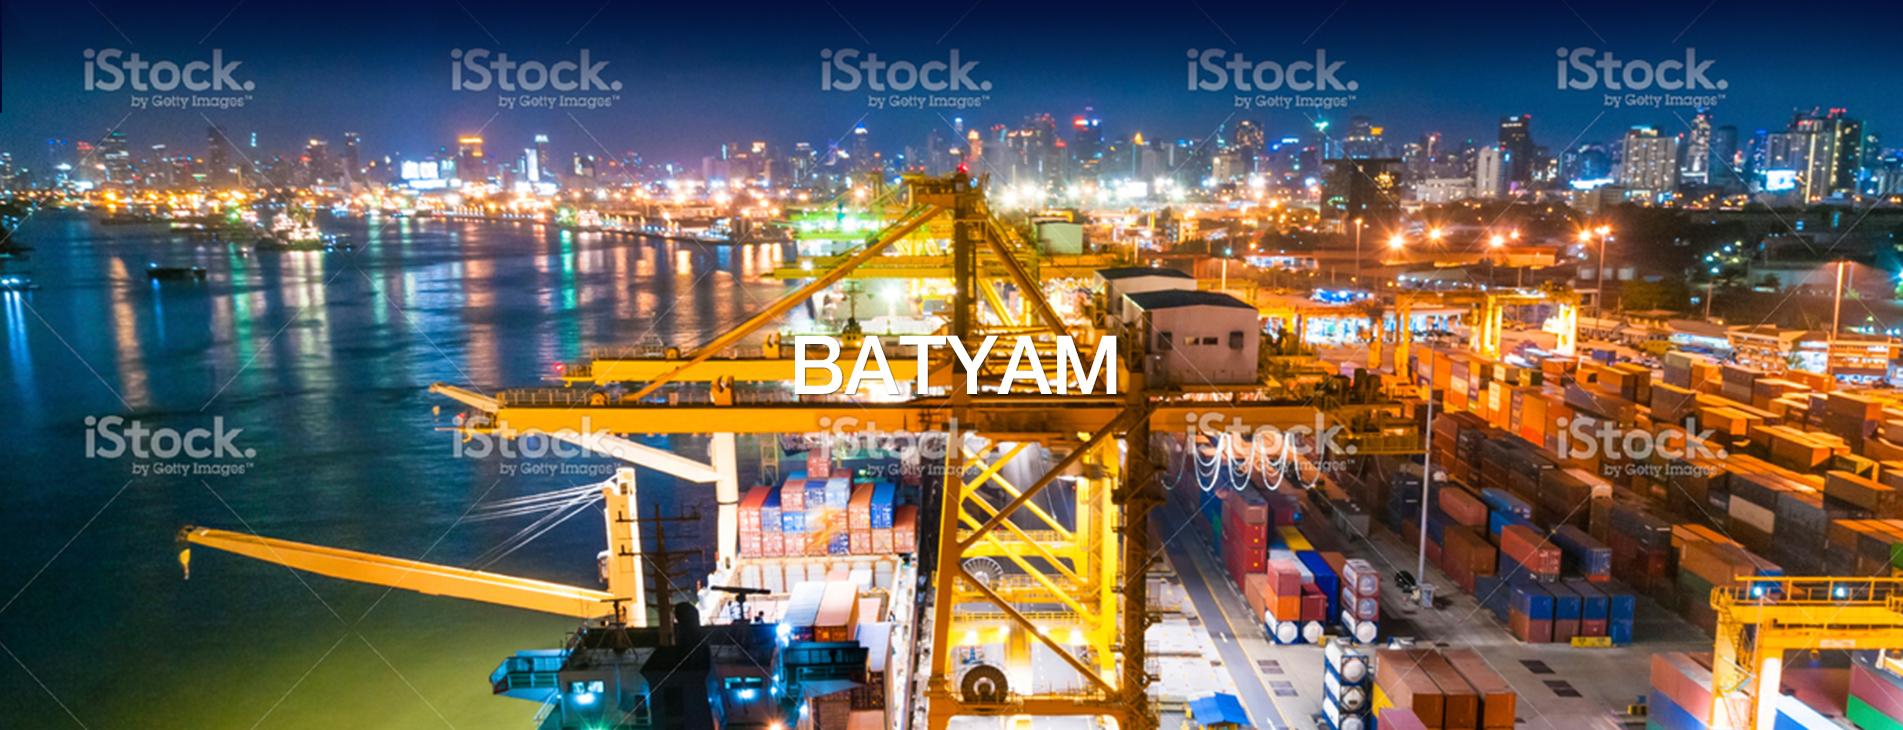 Batyam